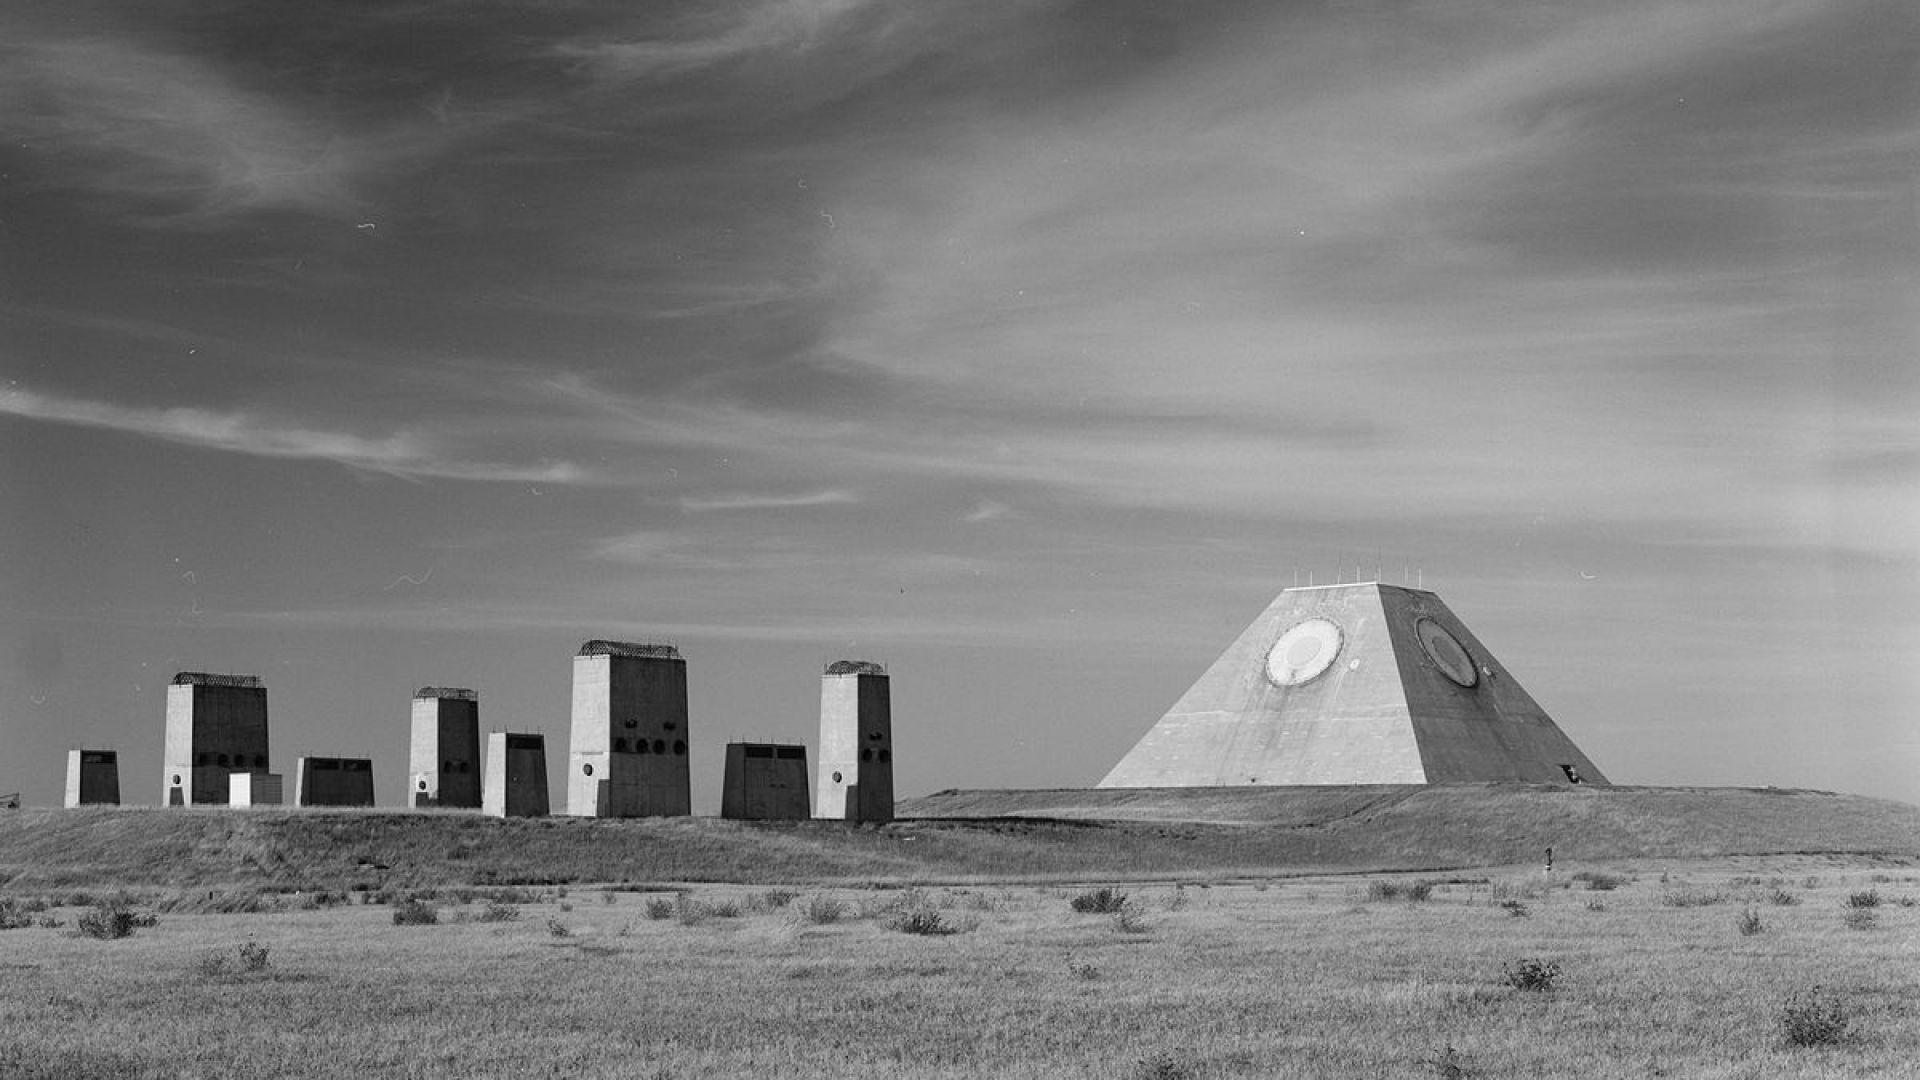 Трагичната история на една от най-пазените американски бази